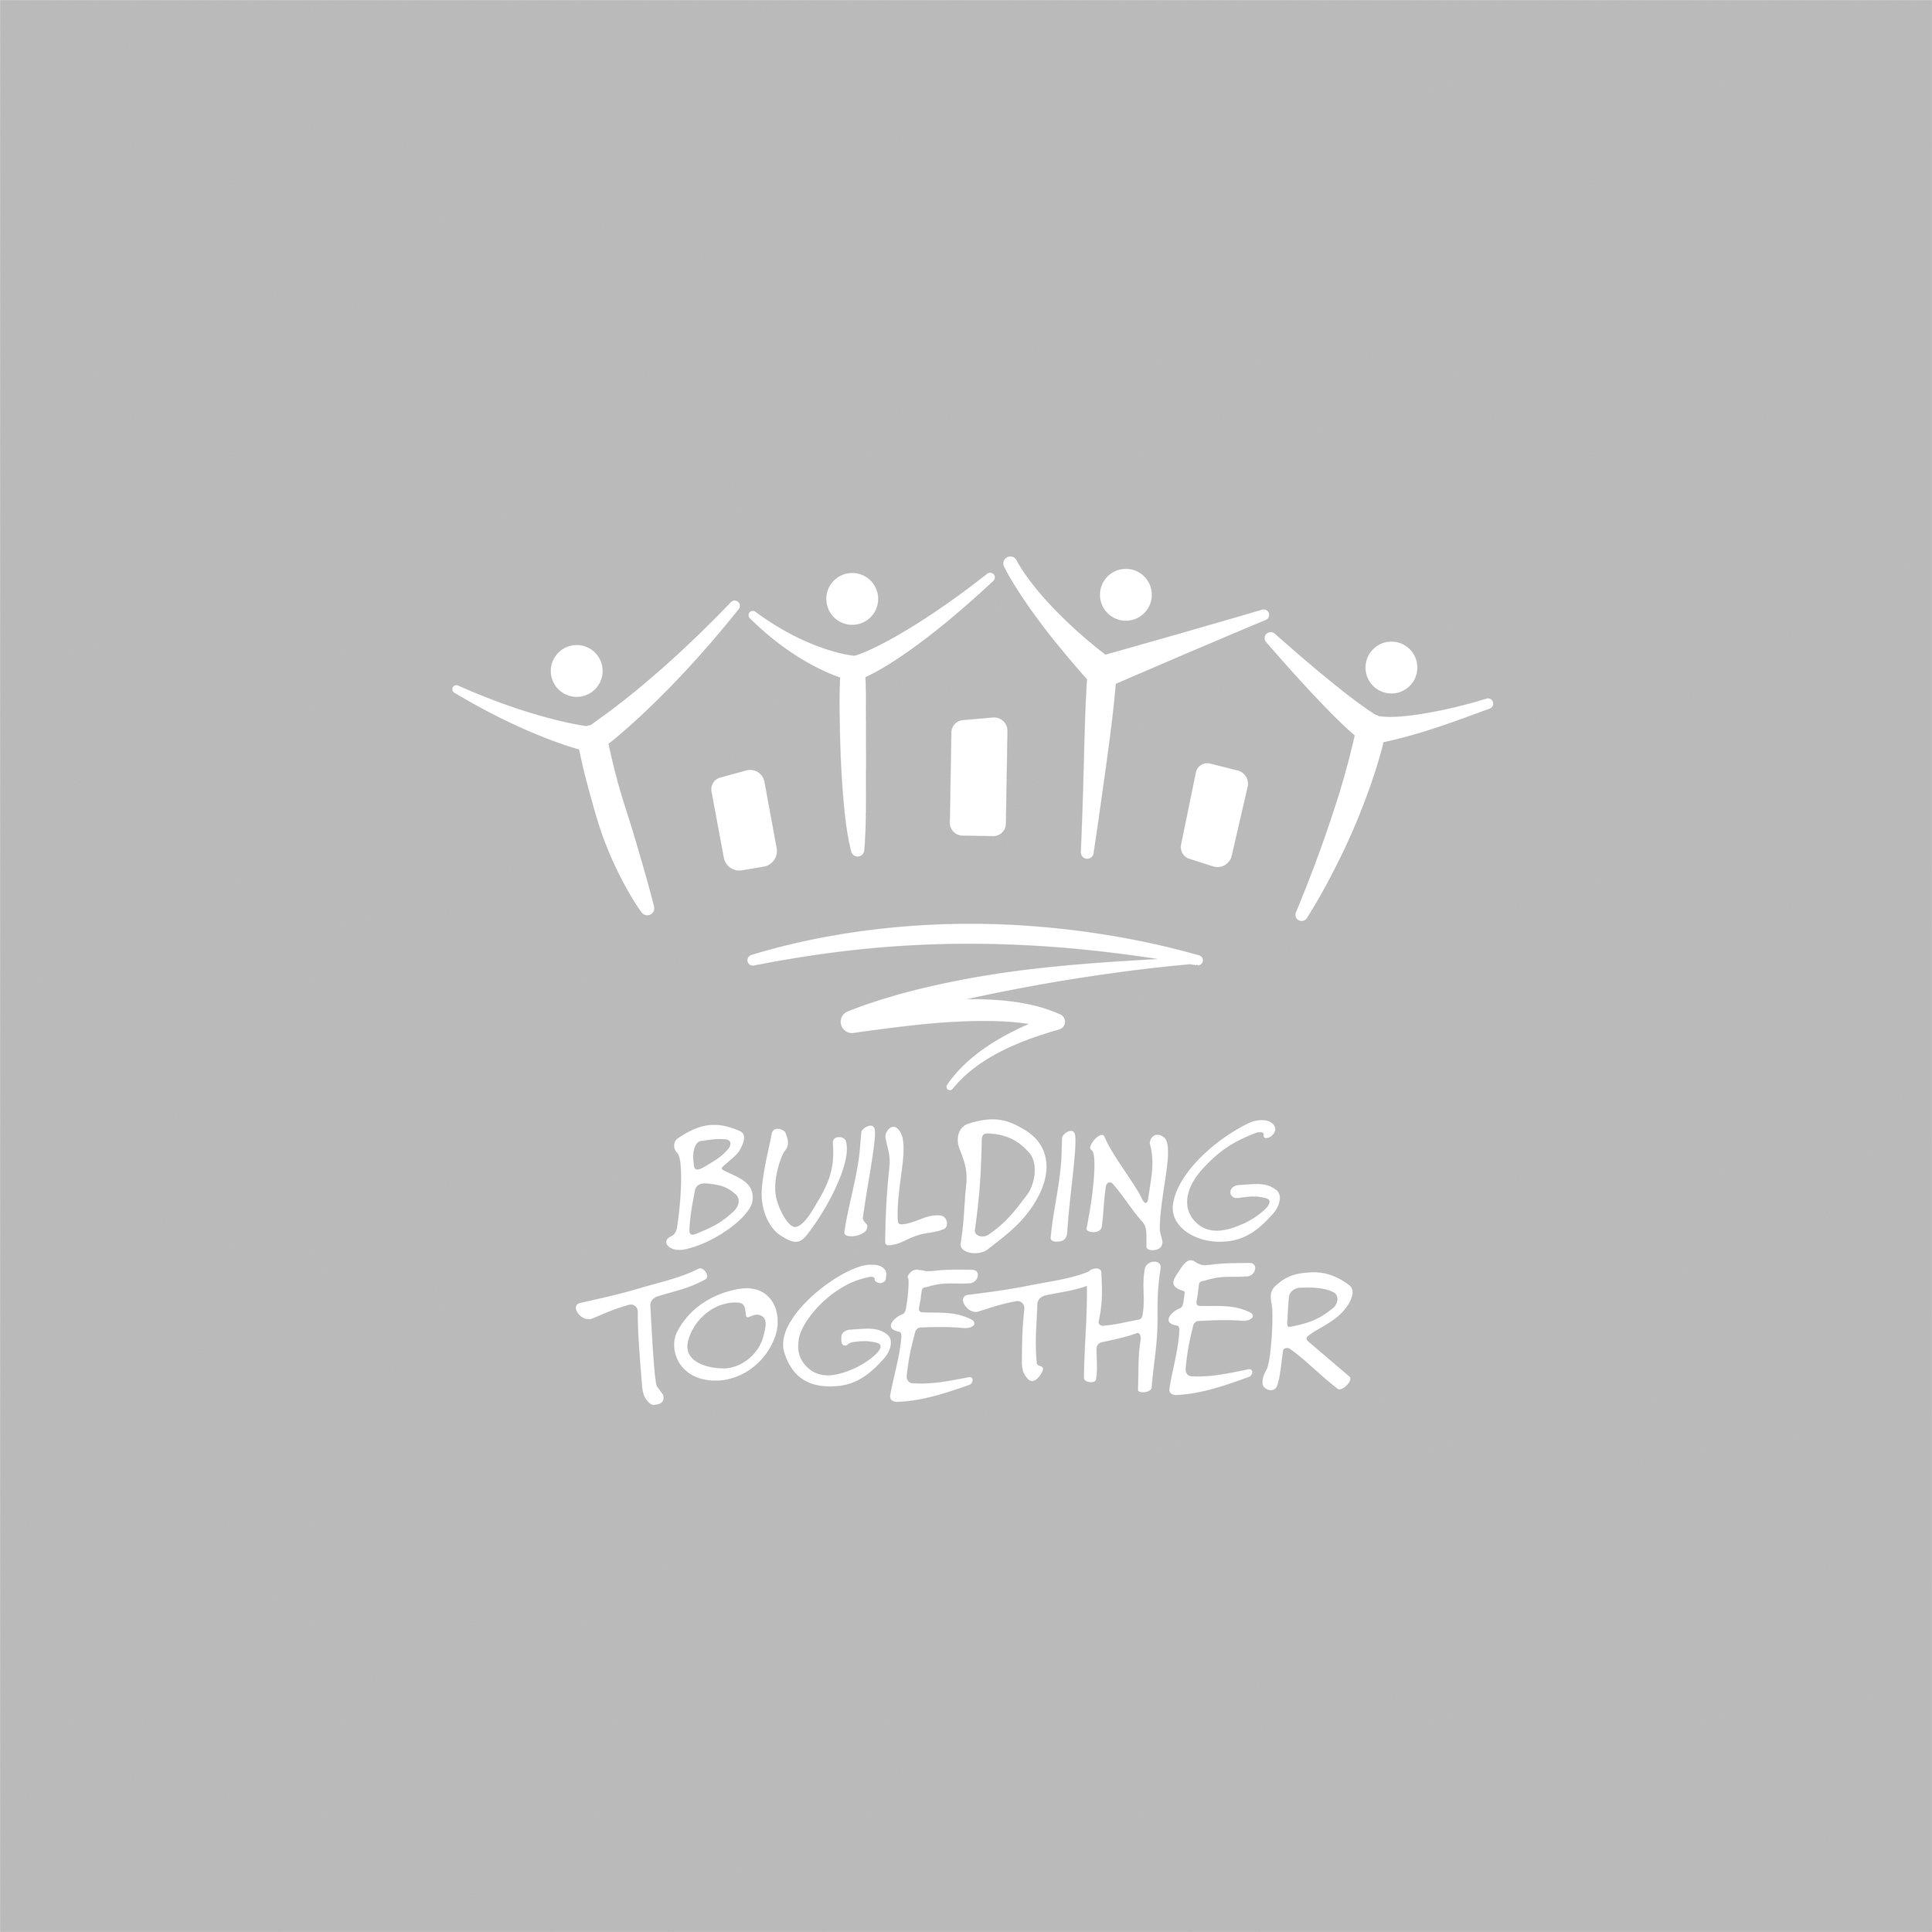 Logo_B.Grey_F.White.jpg